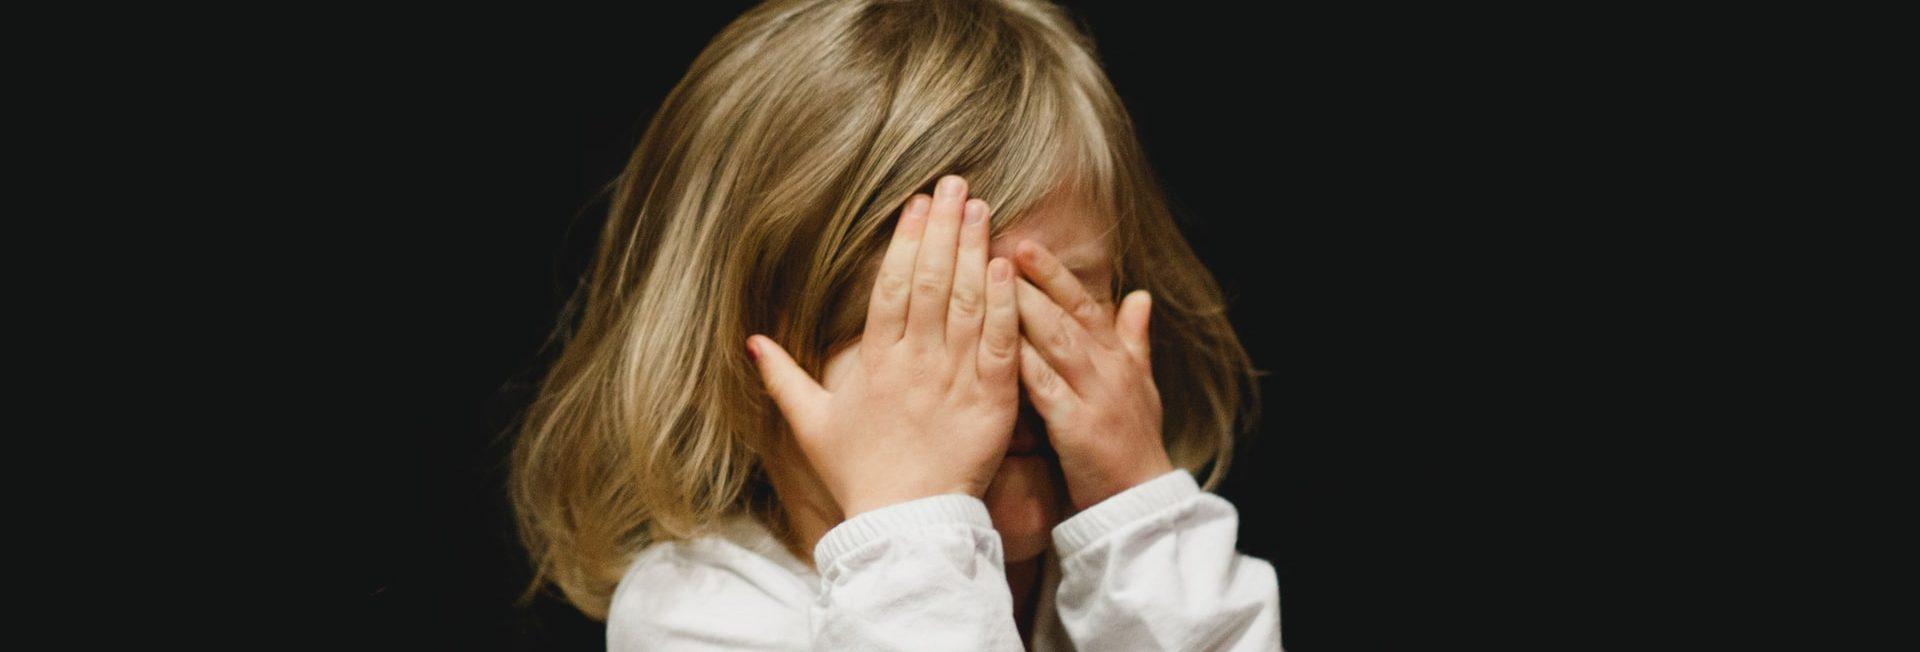 michel begues intervenant de solicaire pour les enfants de 5 a 12 ans